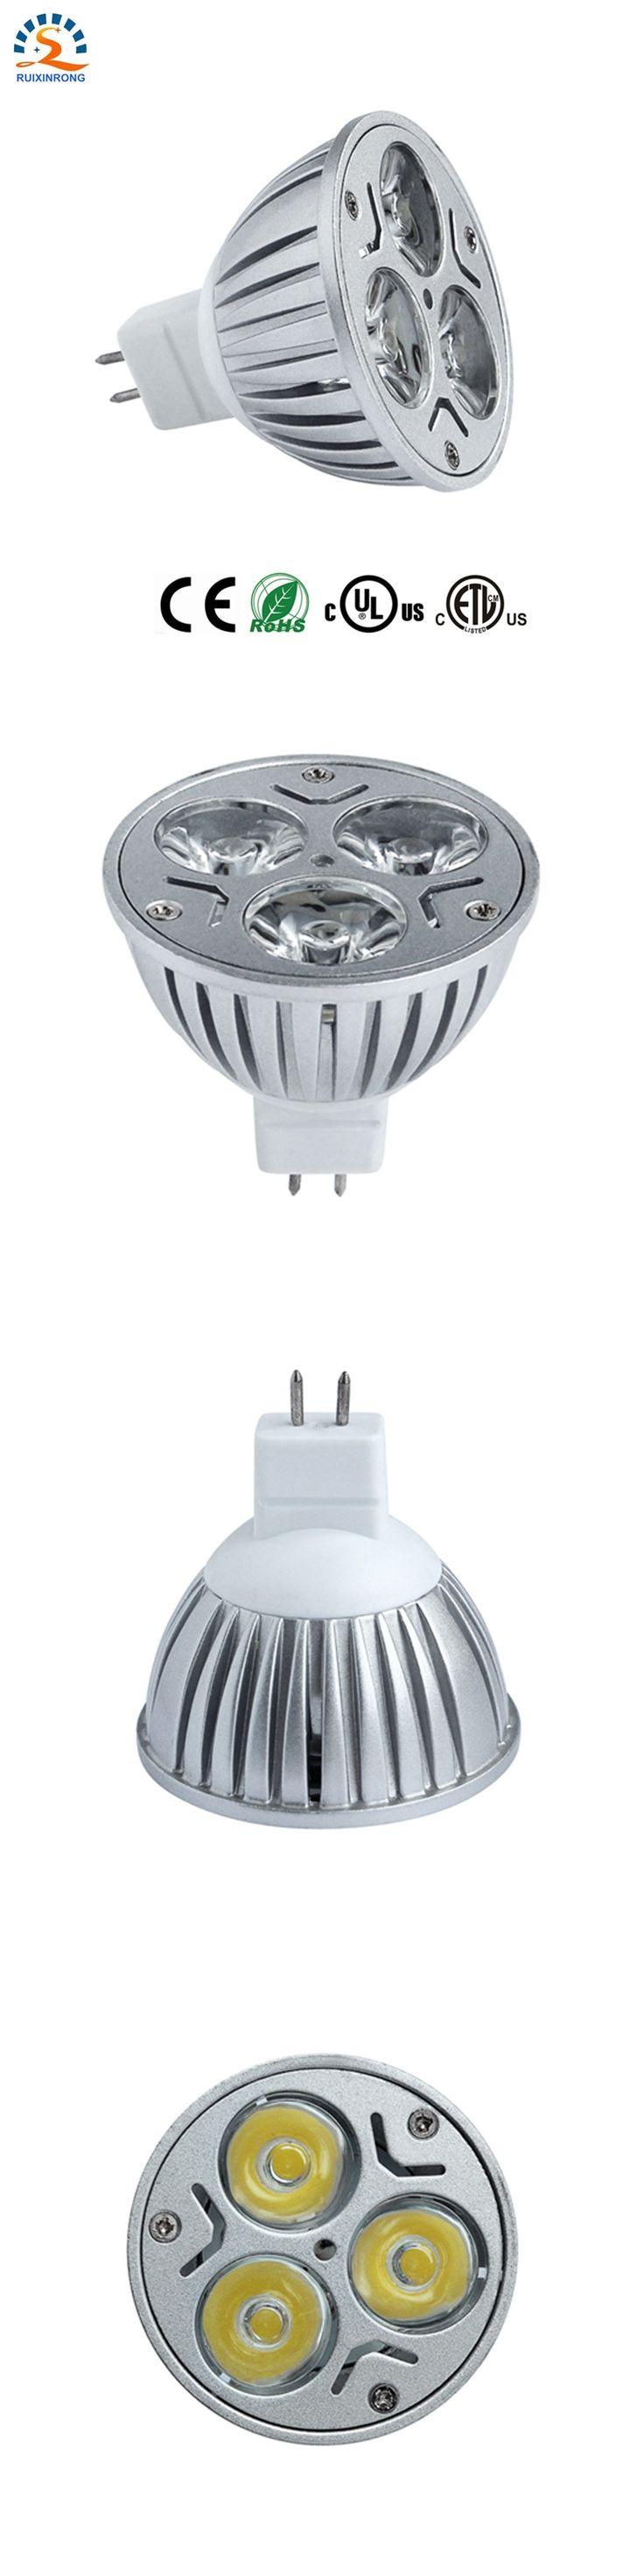 1pcs 3x3w 9w LED MR16 spotlight ampoule LED bulb lamp light 12V DC